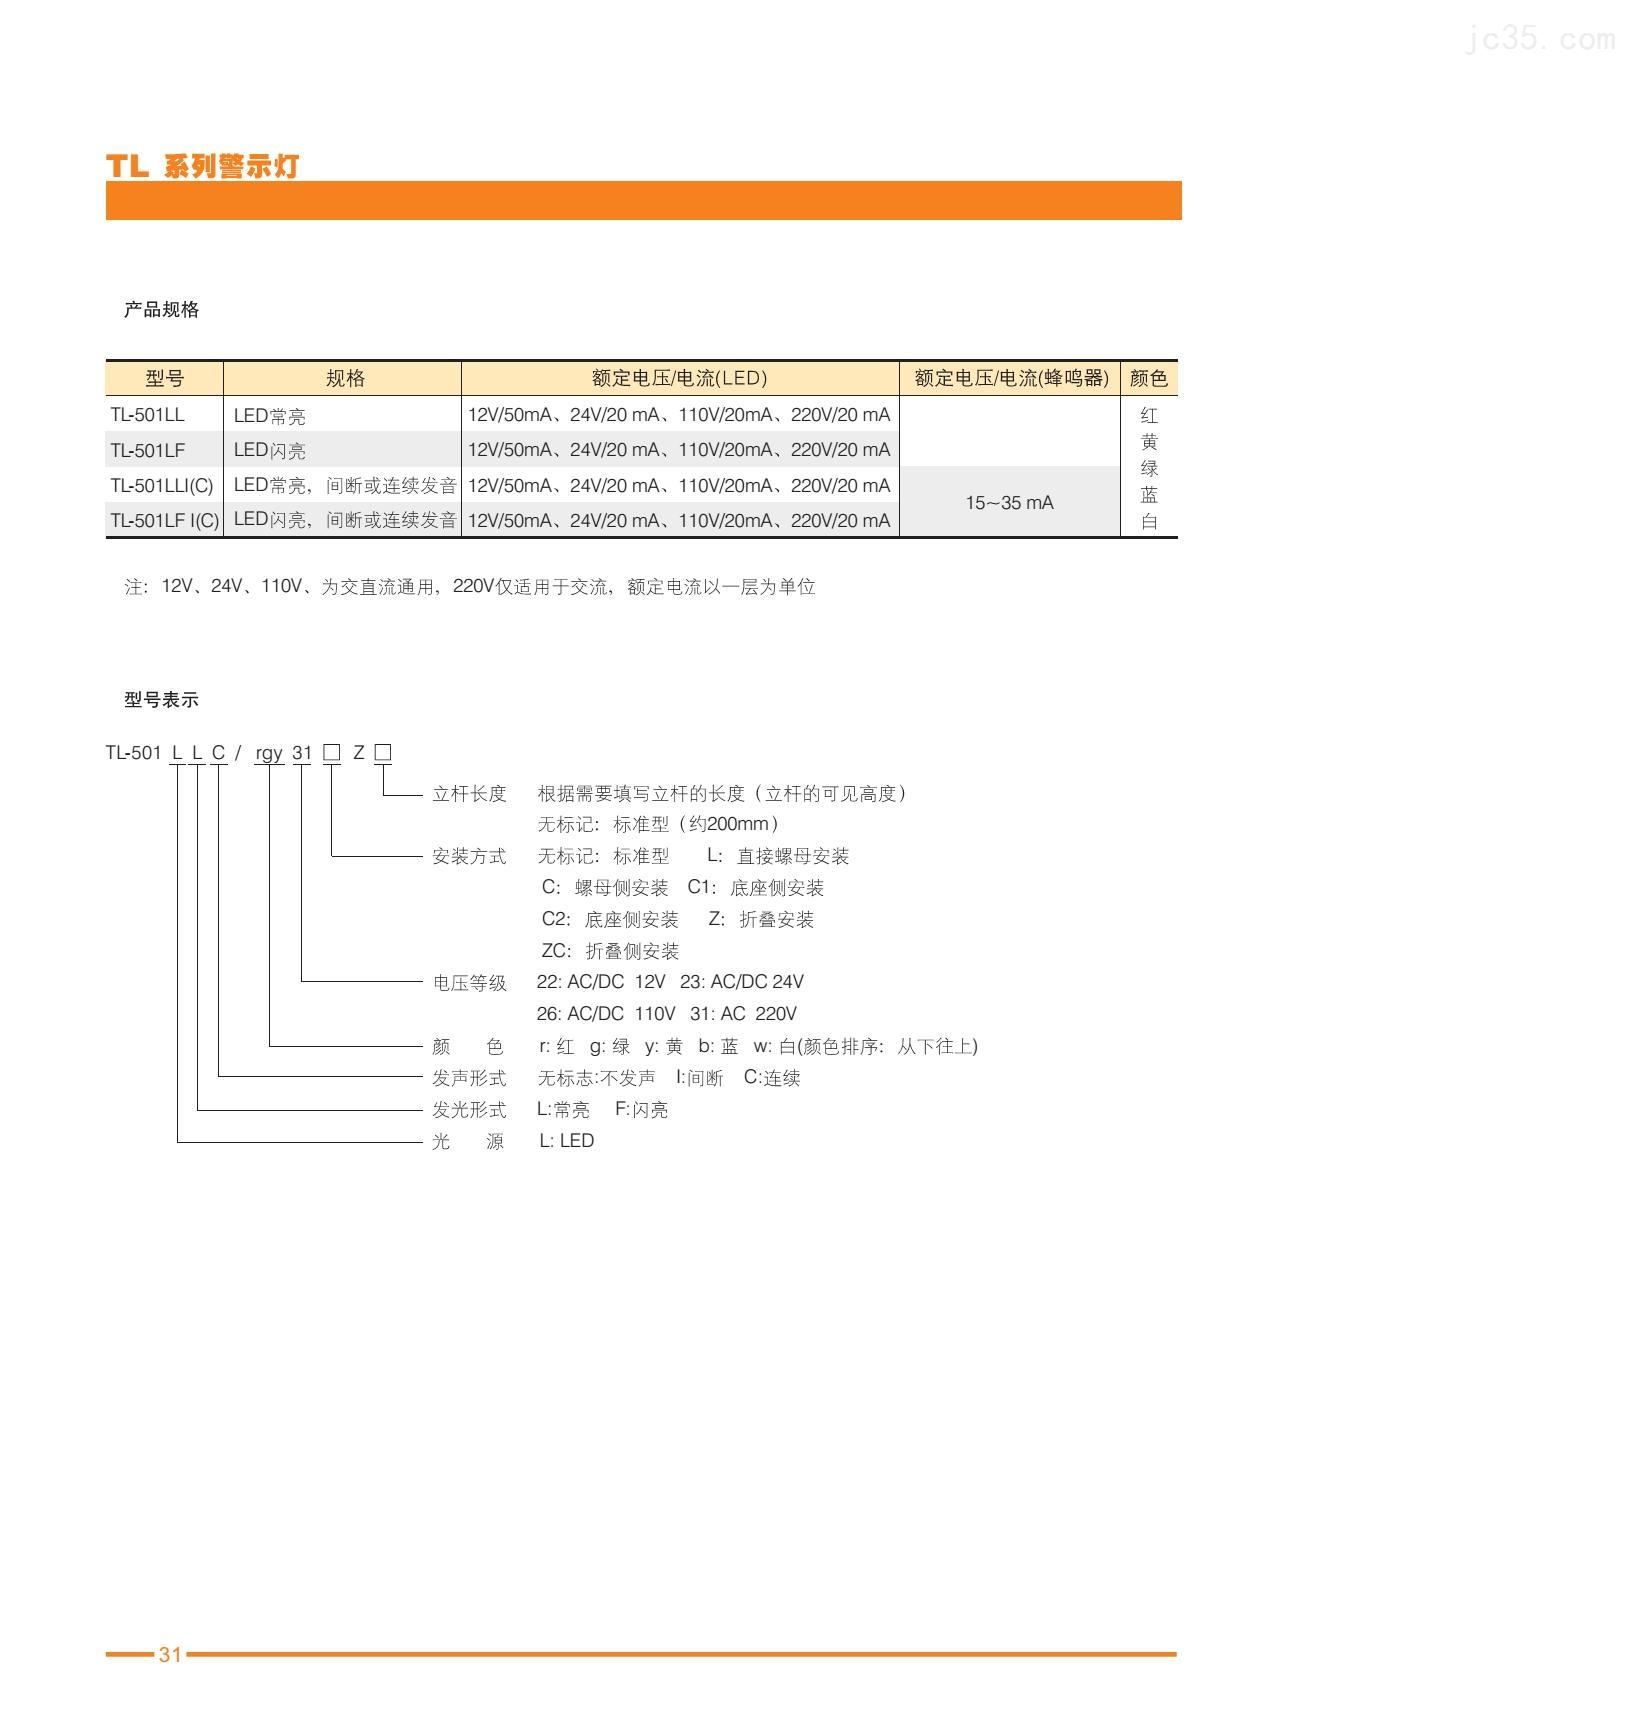 西门子APT警示灯安徽地区总代理TL-501系列警示灯是在TL-50的基础上优化设计的产品,采用进口LED芯片、大功率的蜂鸣器,可以在工作空间较大的场合有效传递信号。该系列产品采用集成式结构进行设计,结构紧凑、安装方便。灯罩采用耐热、抗震、防油污的PC材料制成,整体使用寿命优于同类产品。光源:LED、白炽灯发光形式:常亮、闪亮发声形式:间断、连续蜂鸣器音量:>90dB(距离声源水平方向10cm处)颜色规格:红、绿、黄、蓝、白额定电压:AC/DC12V AC/DC24V AC/DC110V AC220V西门